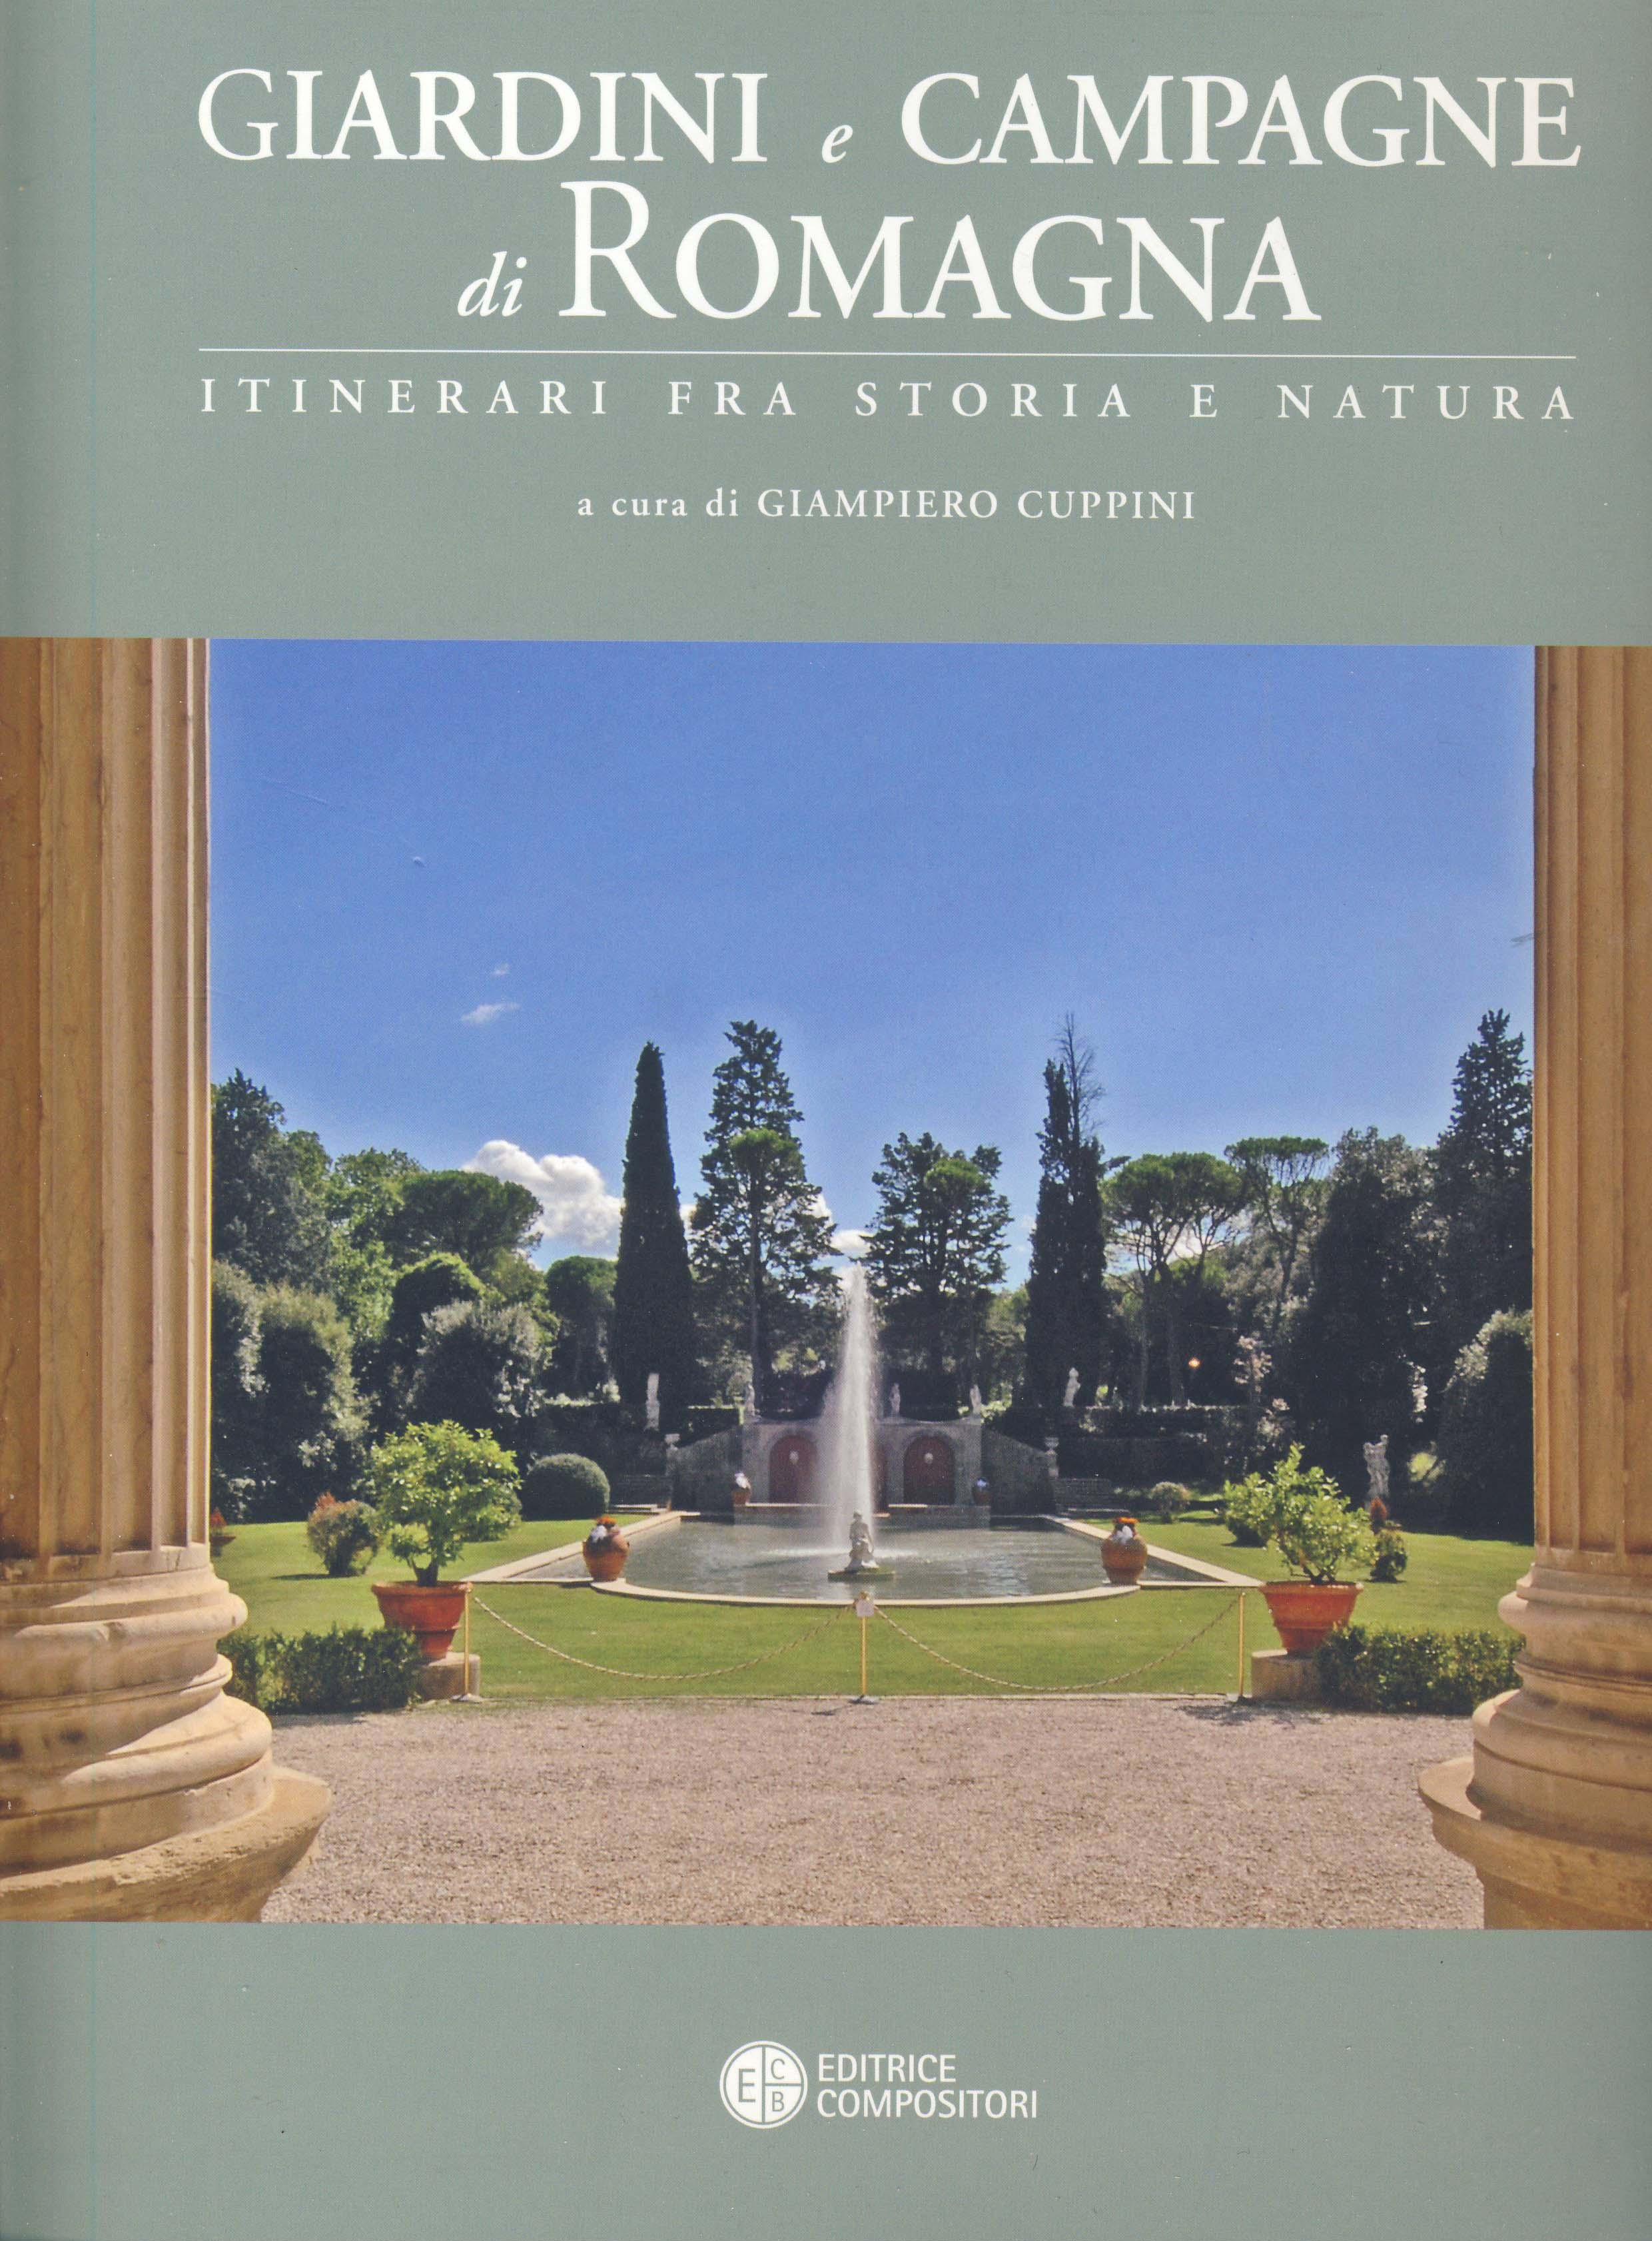 Giardini e campagne di Romagna